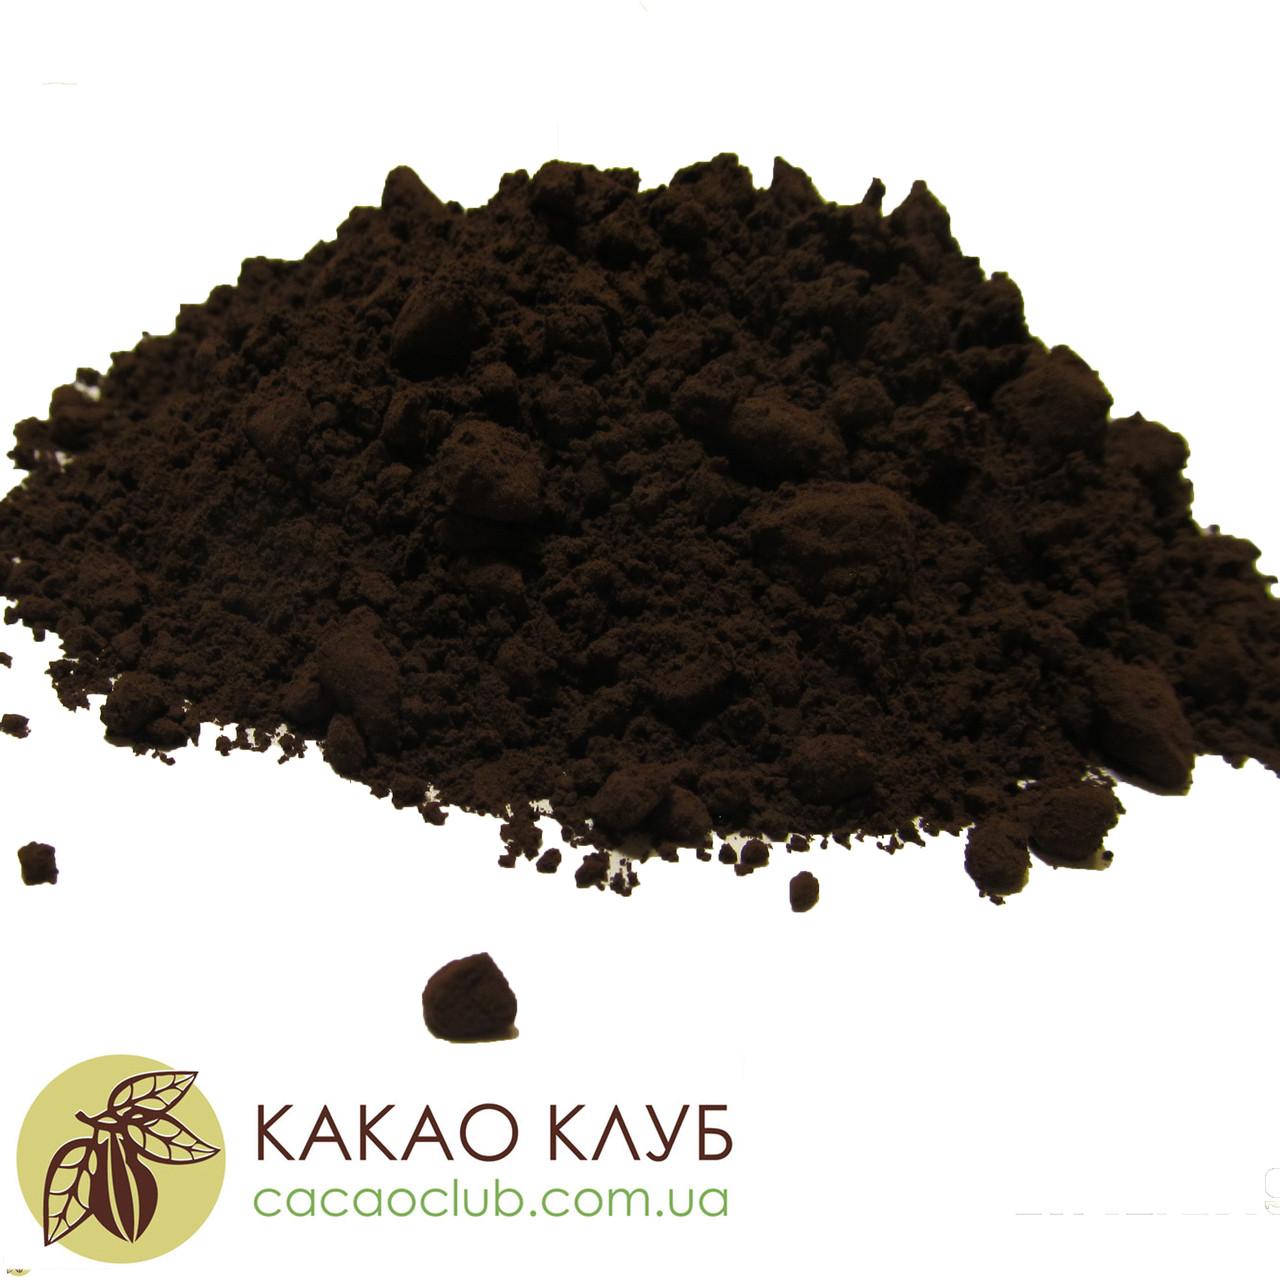 Какао порошок черный deZaan D11B, 10-12%, алкализированный, Нидерланды 1кг